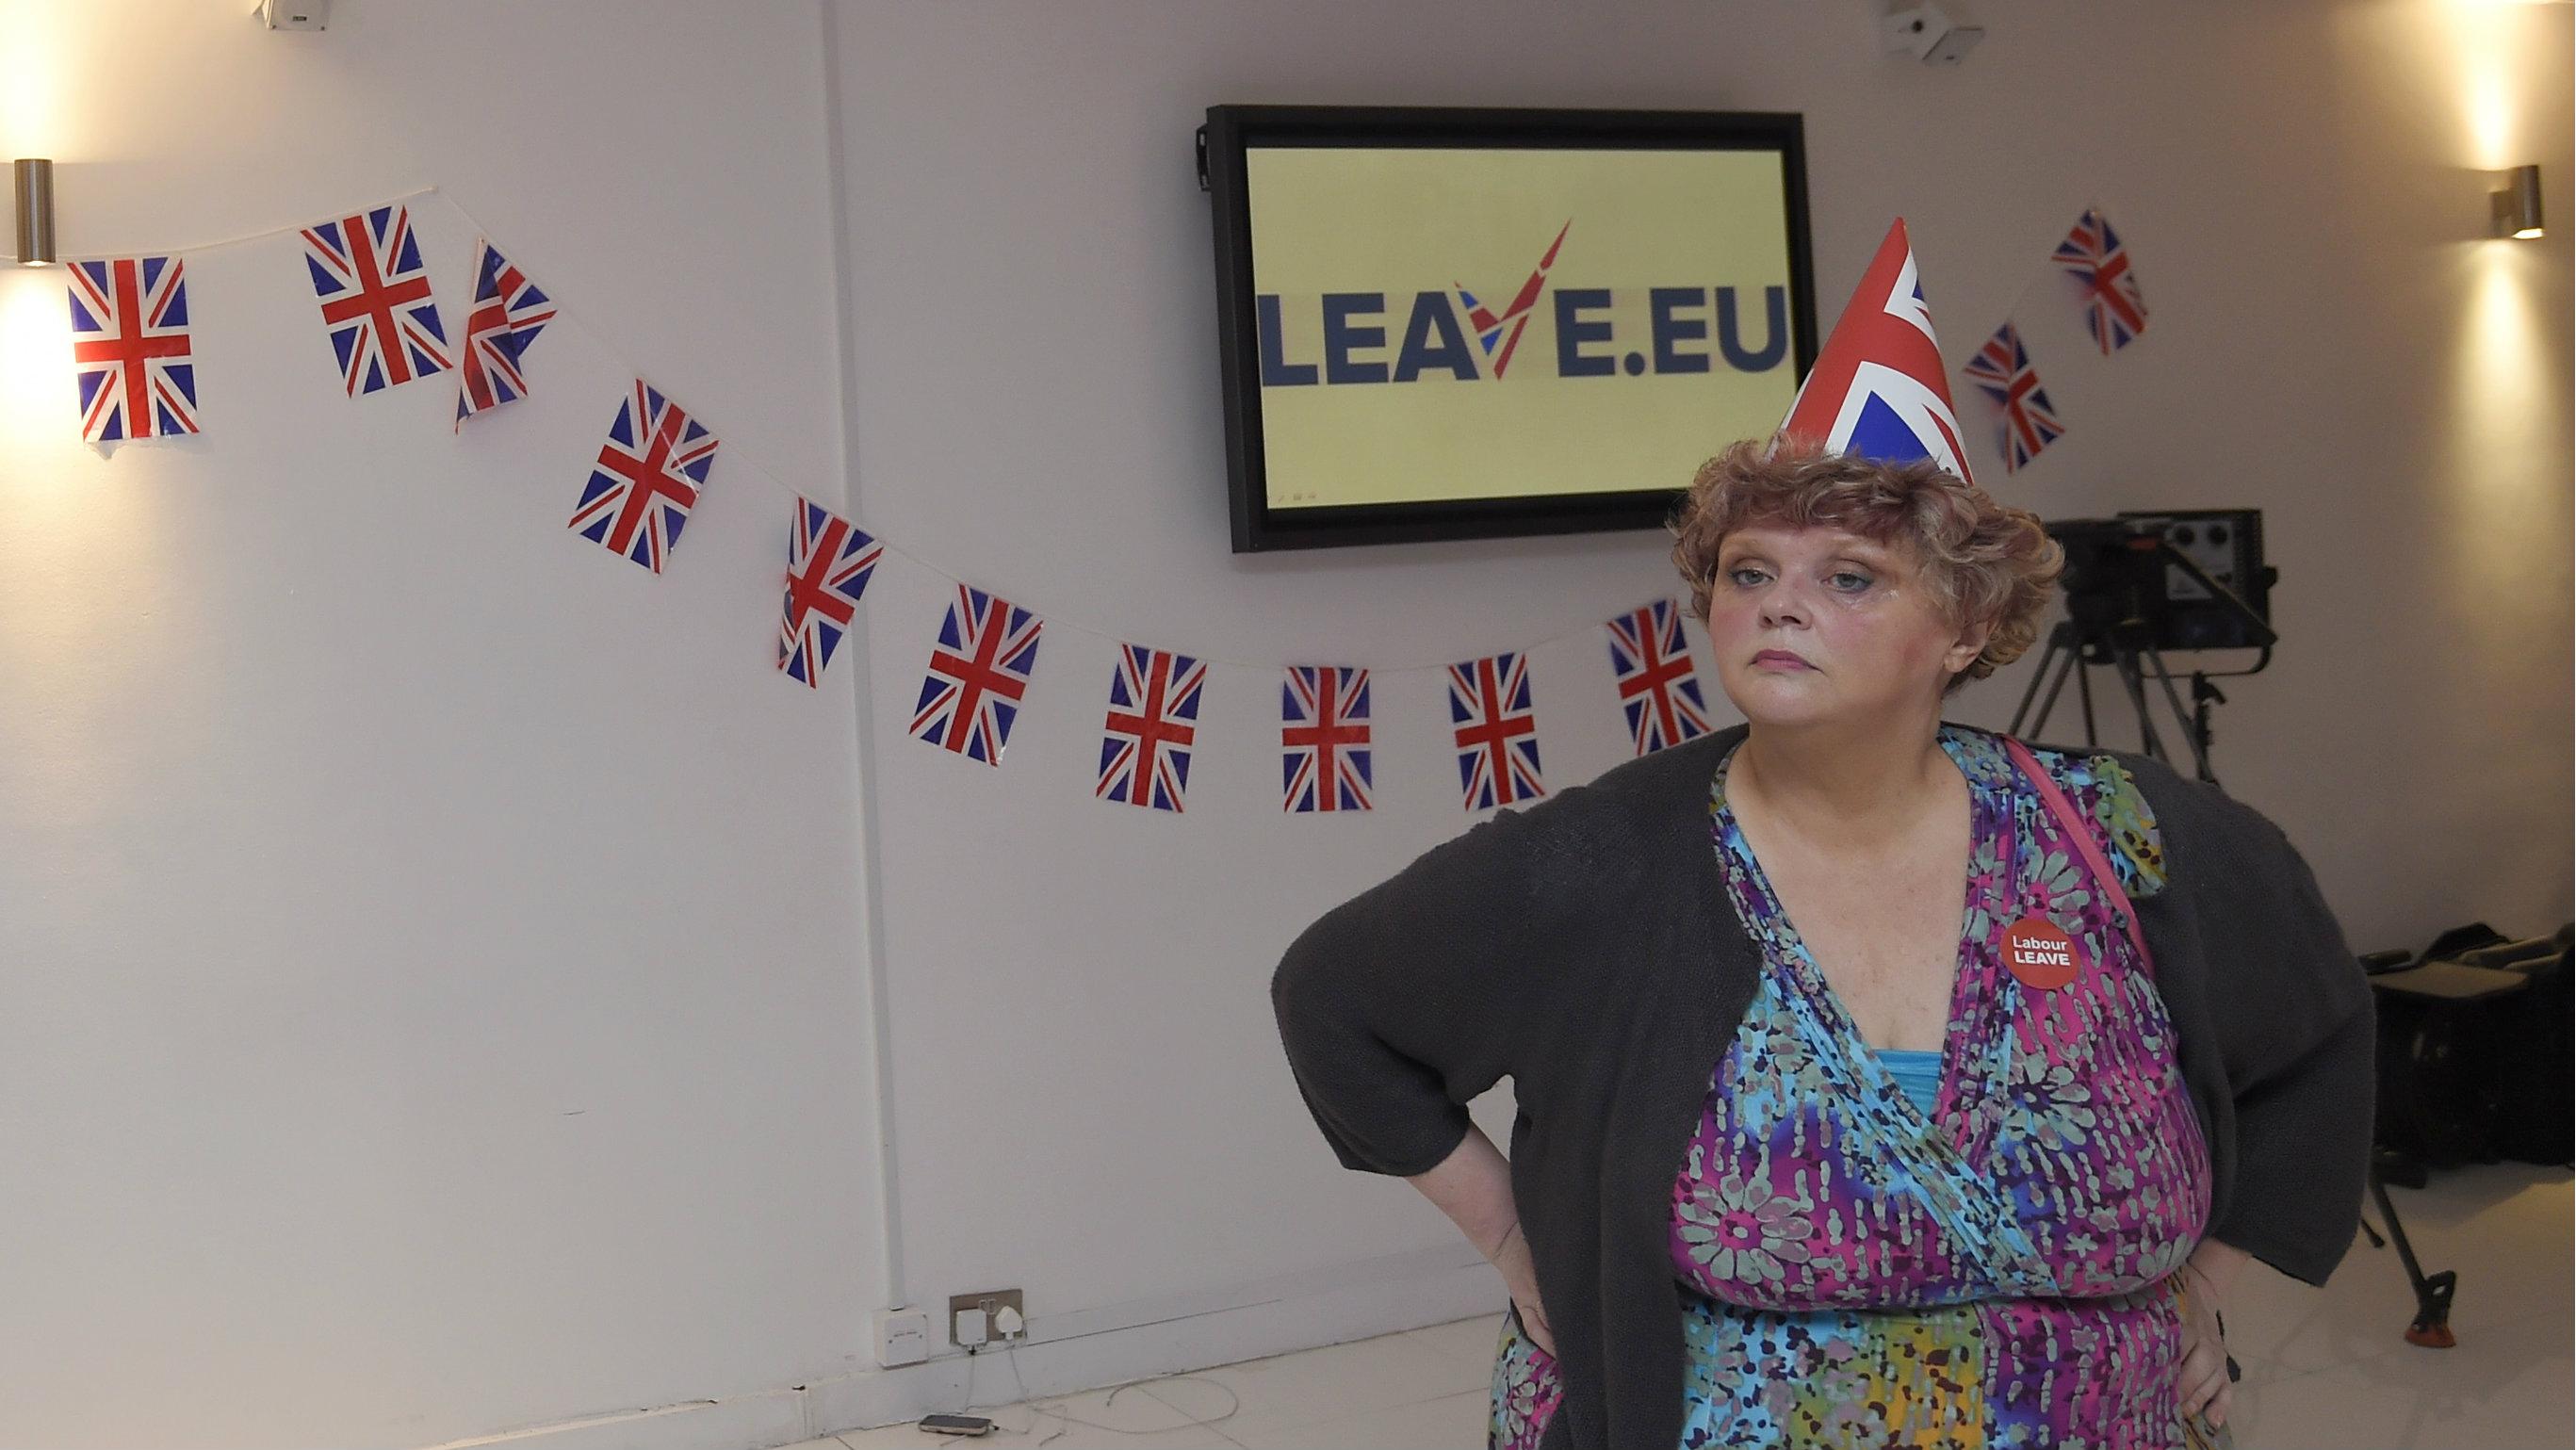 Leave.Eu campaign cambridge analytica